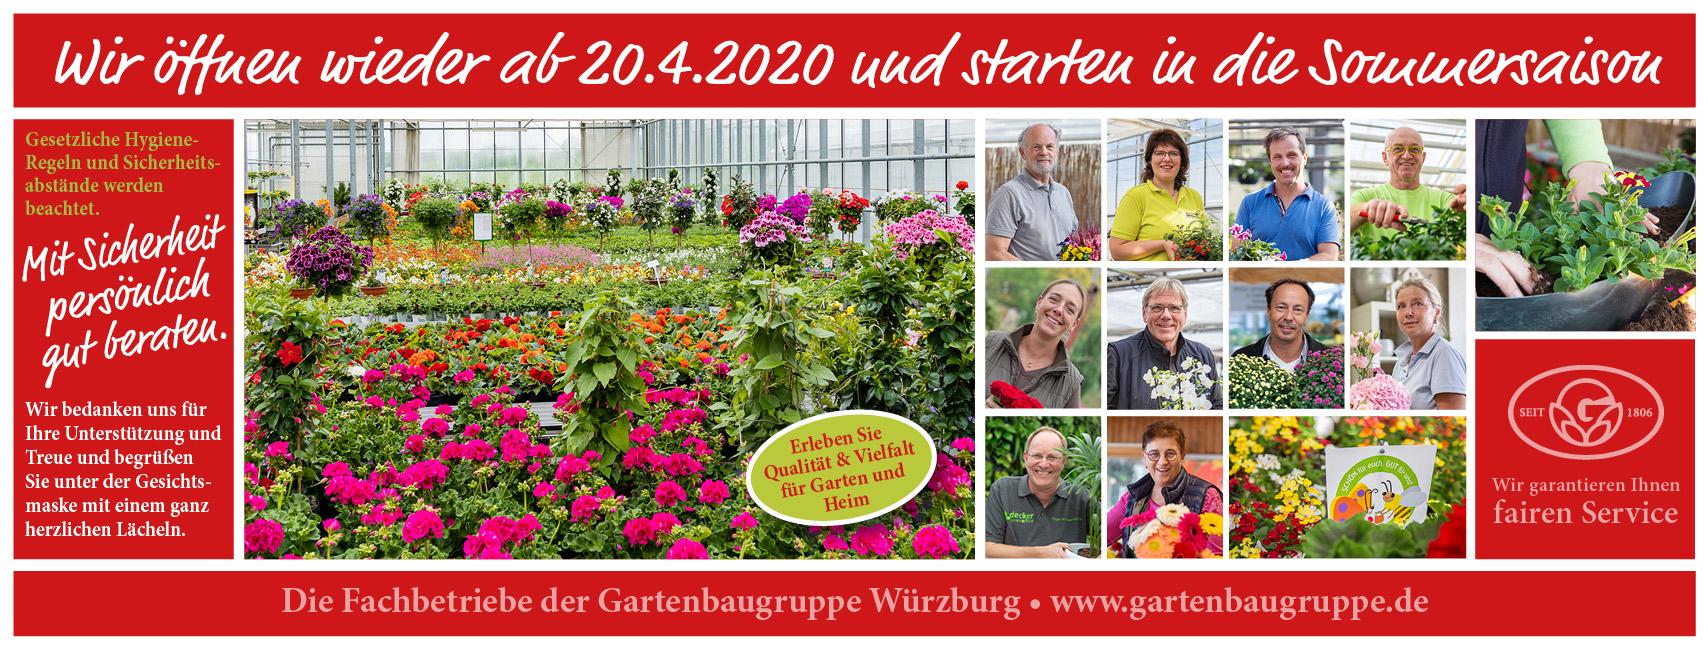 Gartenbaugruppe Würzburg – Wir öffnen Wieder Ab 20.4.2020